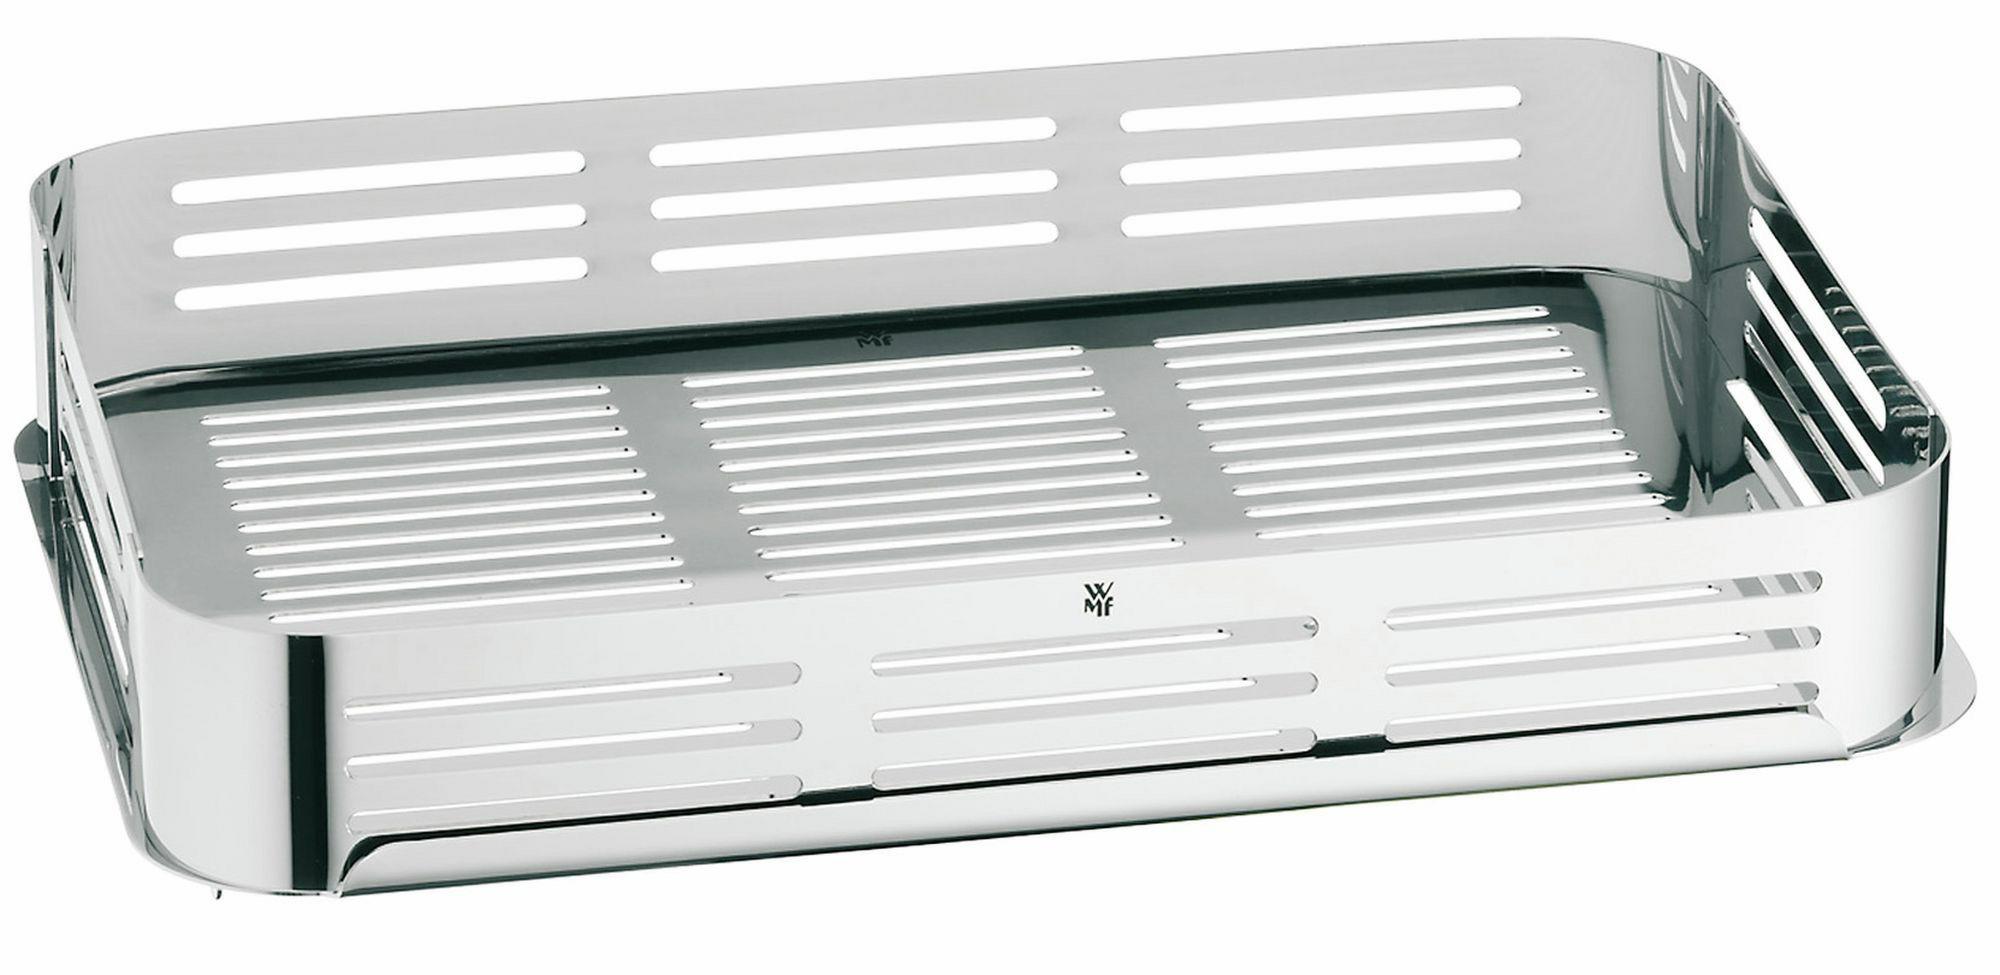 toebehoren kookplaat Siemens Toebehoren HZ390012 toebehoren kookplaat HZ 390012